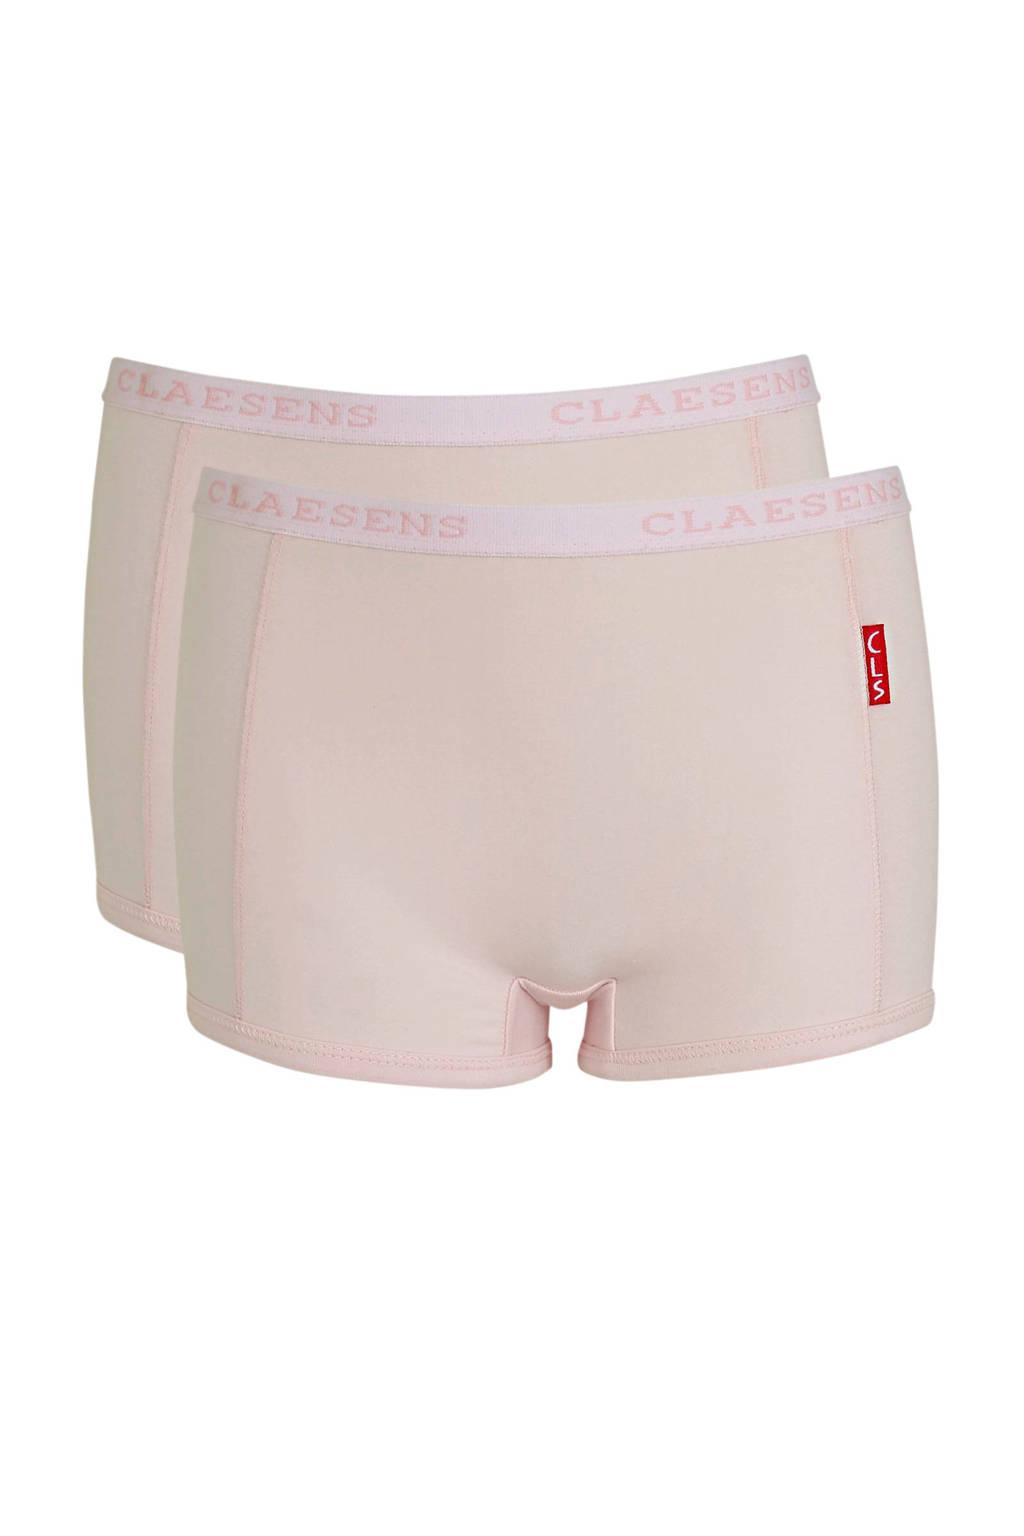 Claesen's short - set van 2 roze, Roze